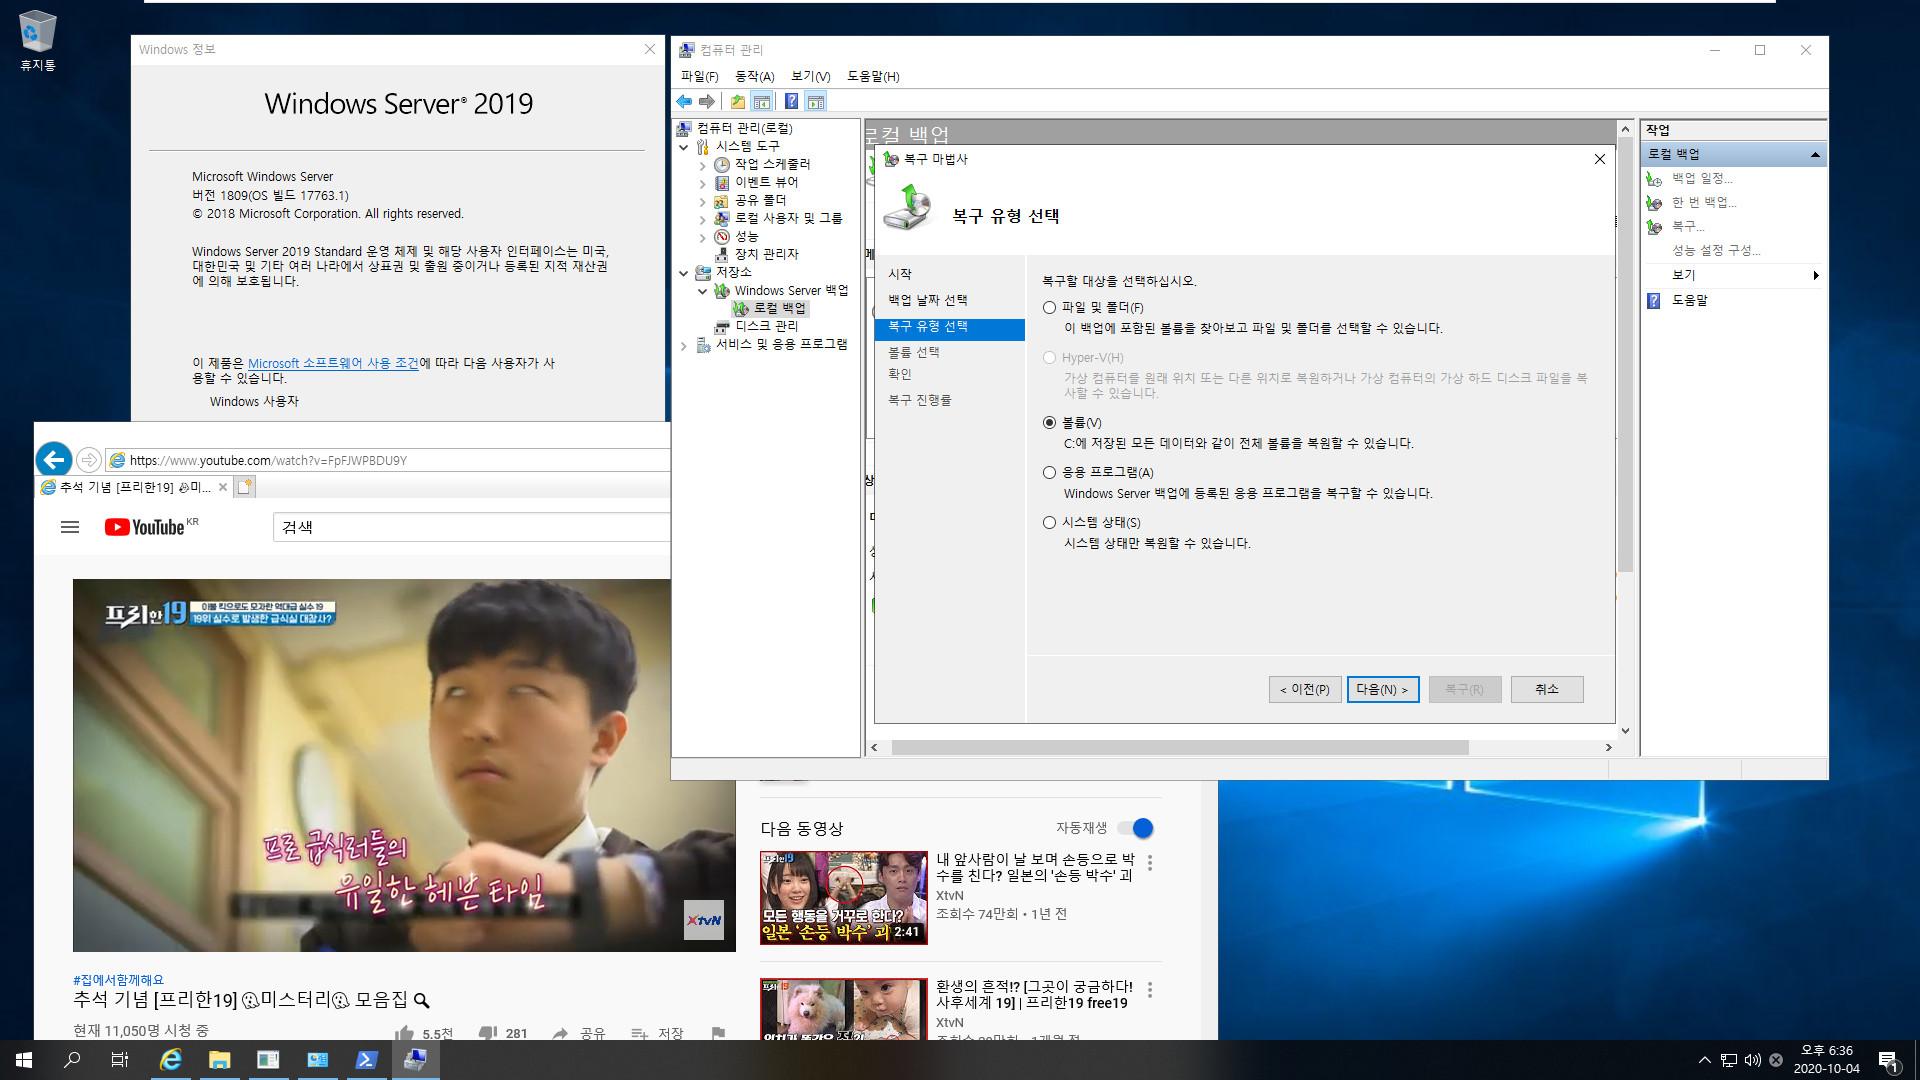 윈도우 서버군은 윈도우 사용중에도 자체 WBadmin 명령으로 윈도우 복구를 합니다 - Windows Server 2019로 복구 테스트 2020-10-04_183602.jpg